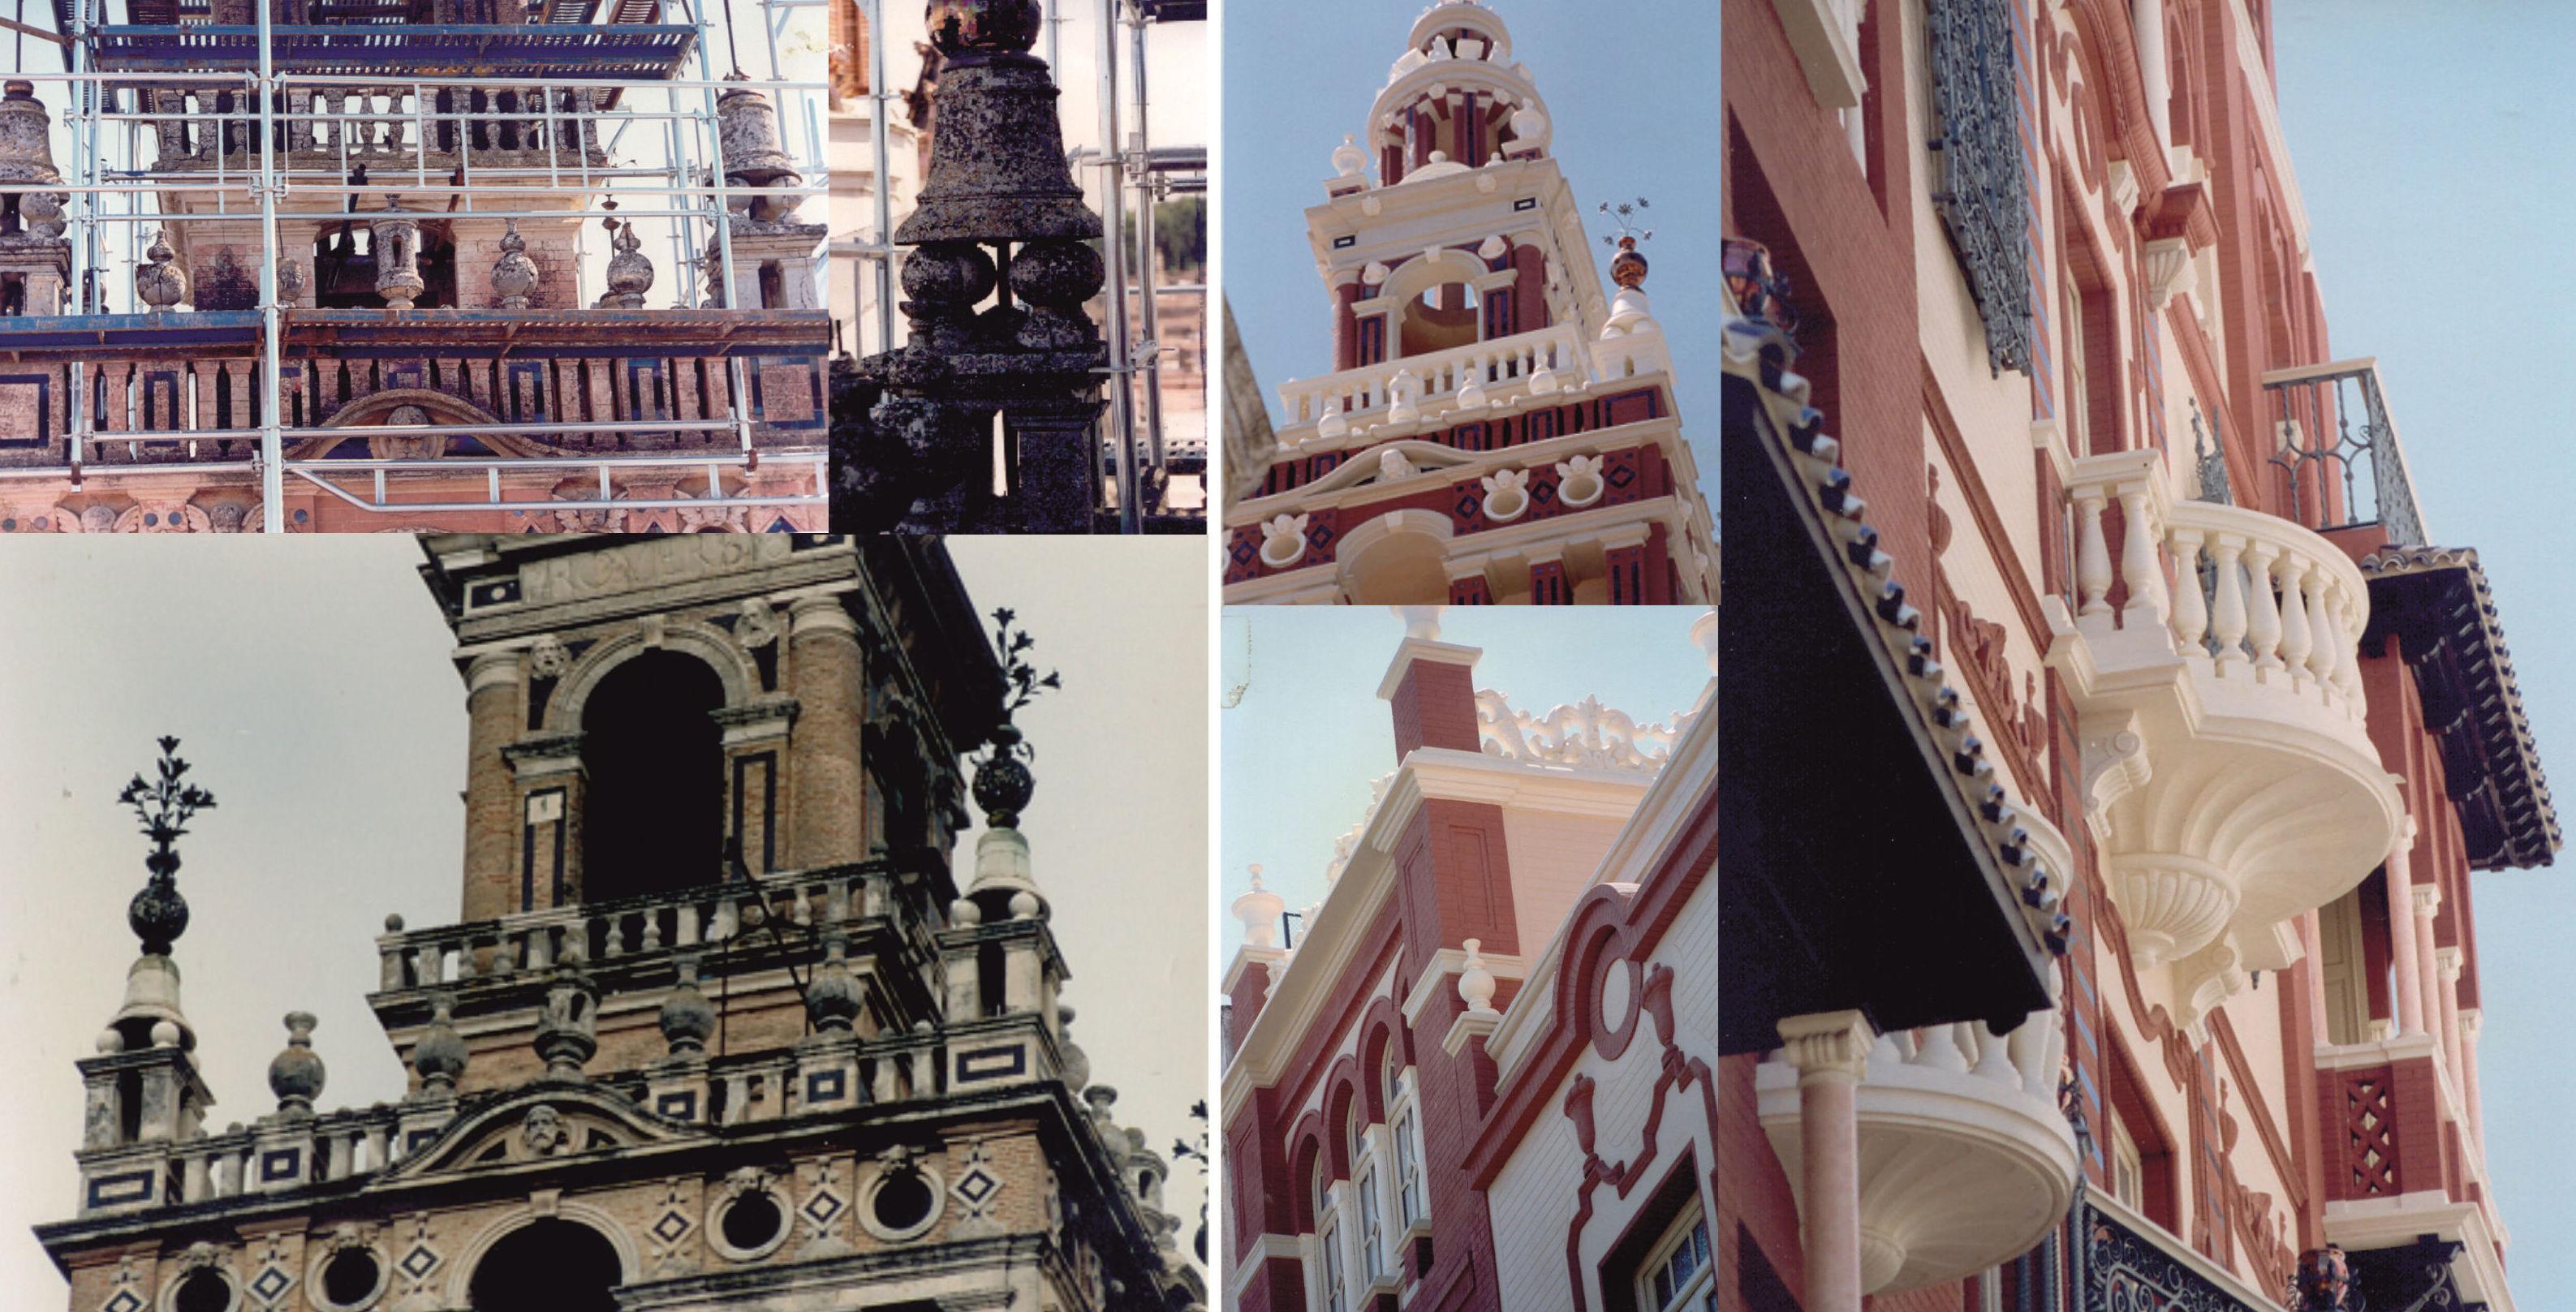 Restauración Edificio La Giralda, Badajoz